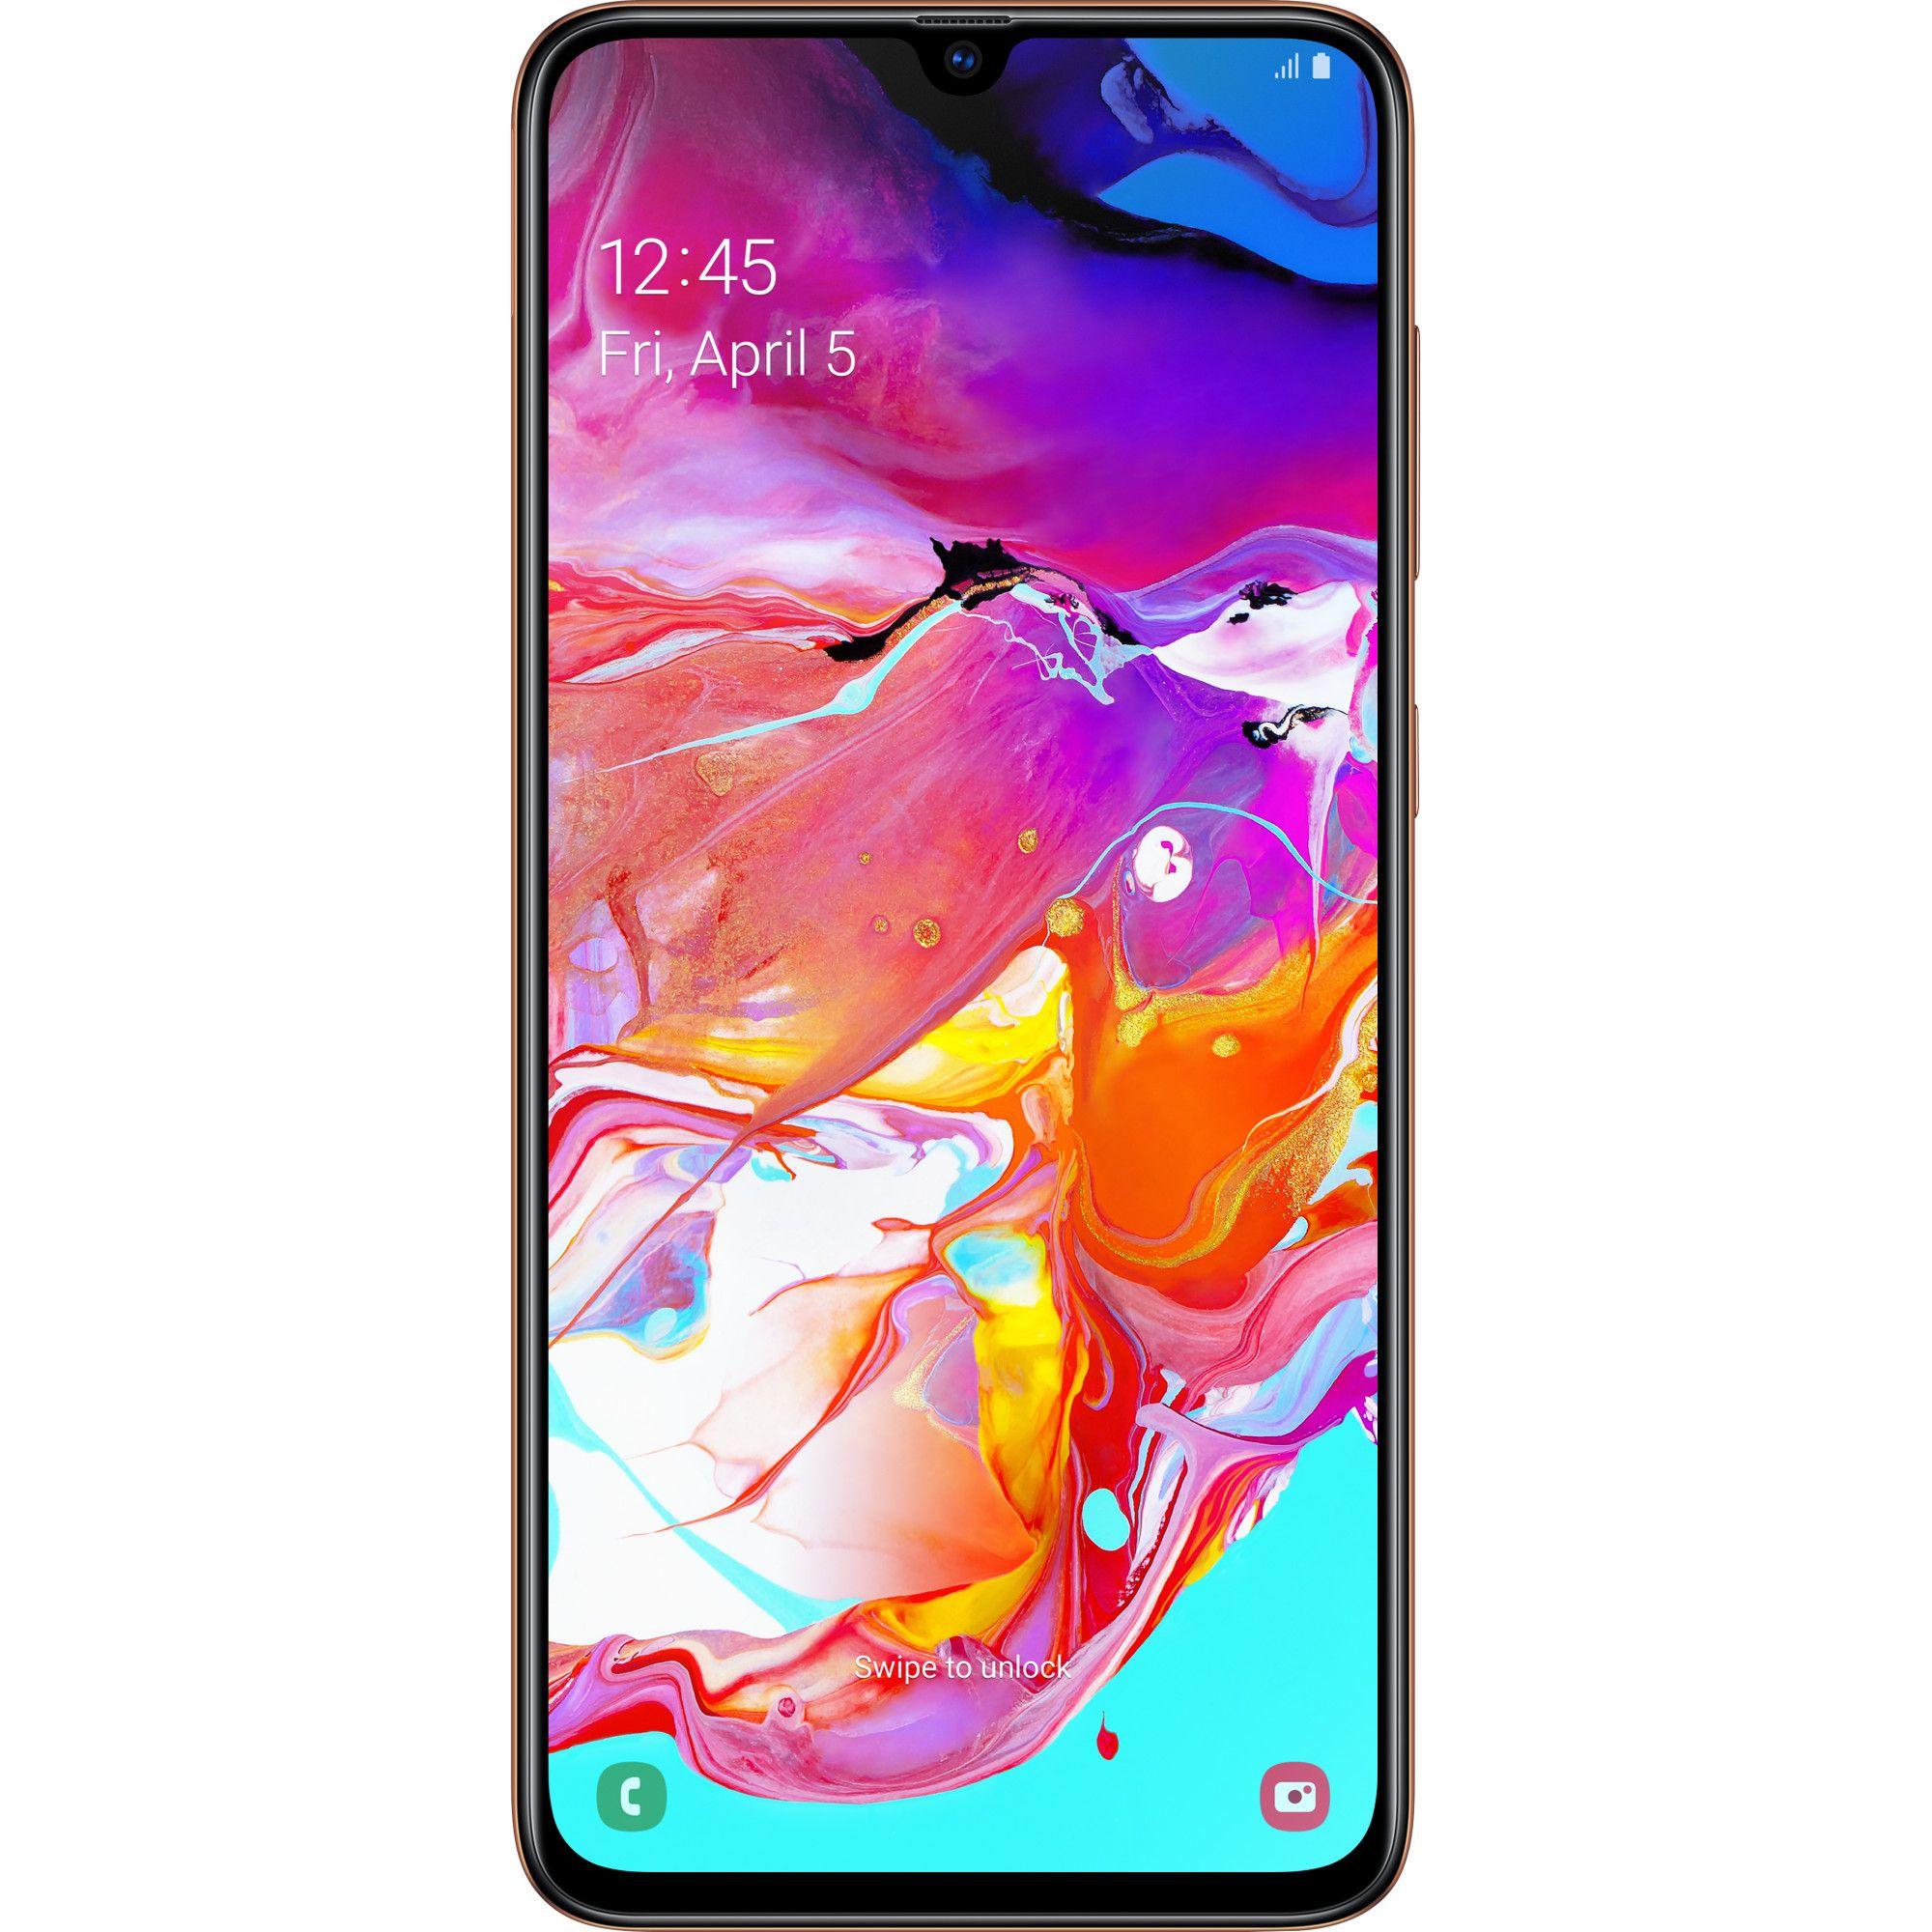 Telefon Mobil Samsung Galaxy A70 128GB Flash 6GB RAM Dual SIM 4G Coral